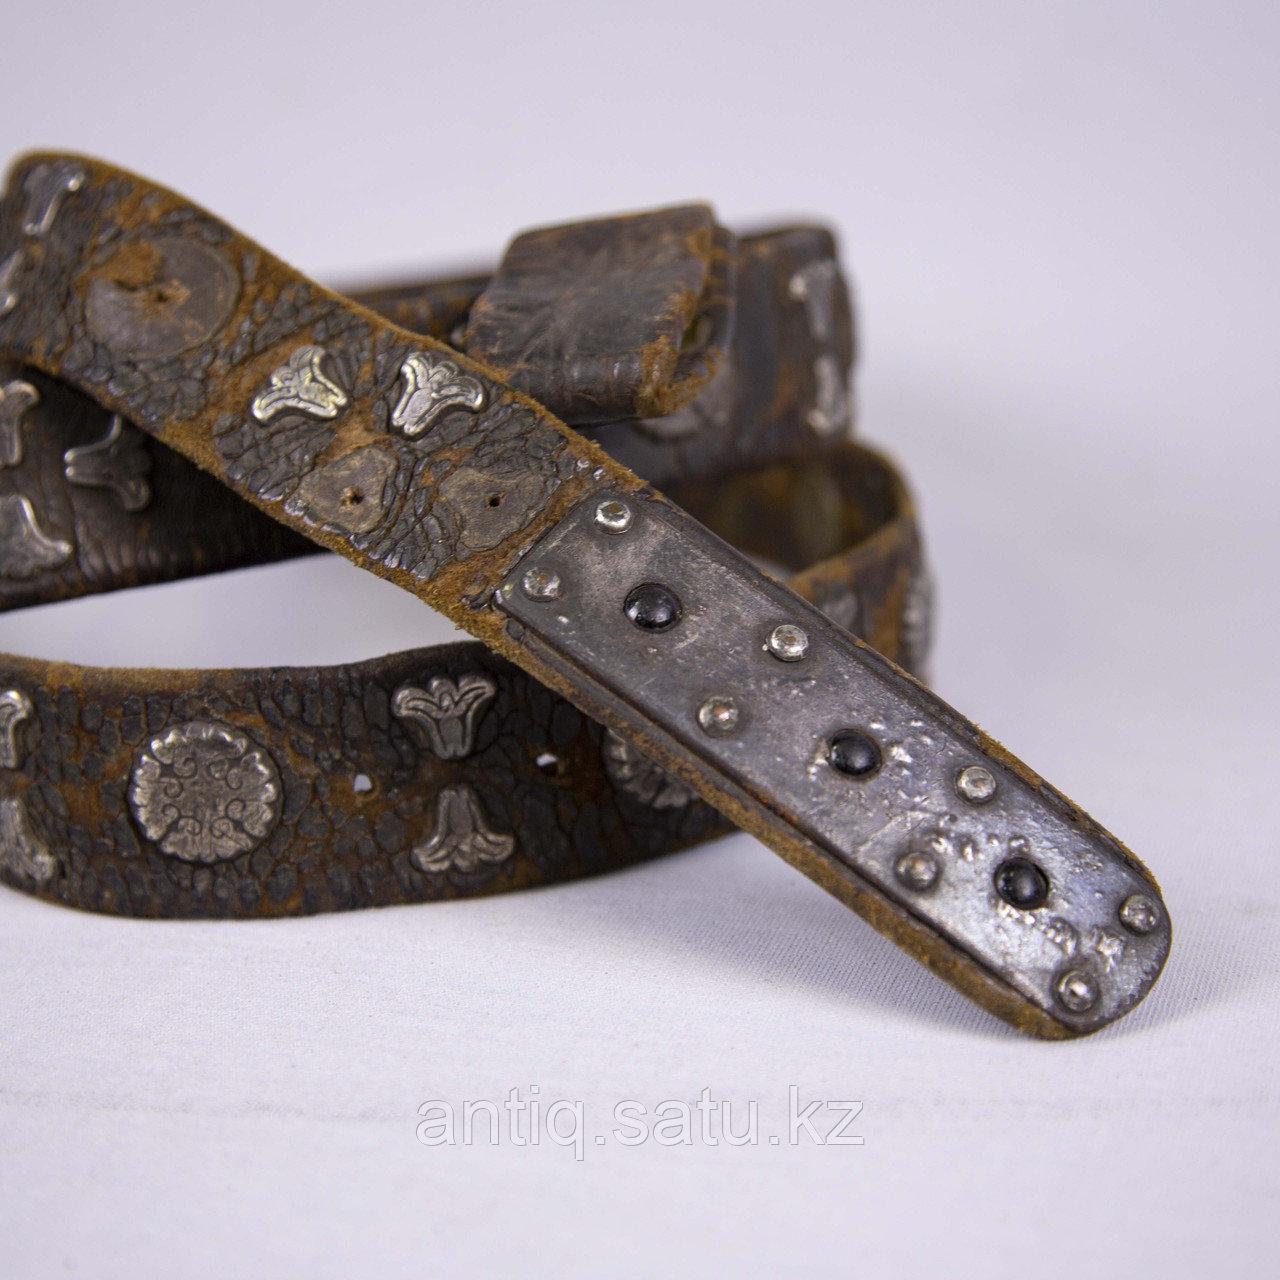 Кисе-белдик национальный Казахский охотничий пояс. Кожа, шитье, металл, ковка, серебро, насечка серебро - фото 5